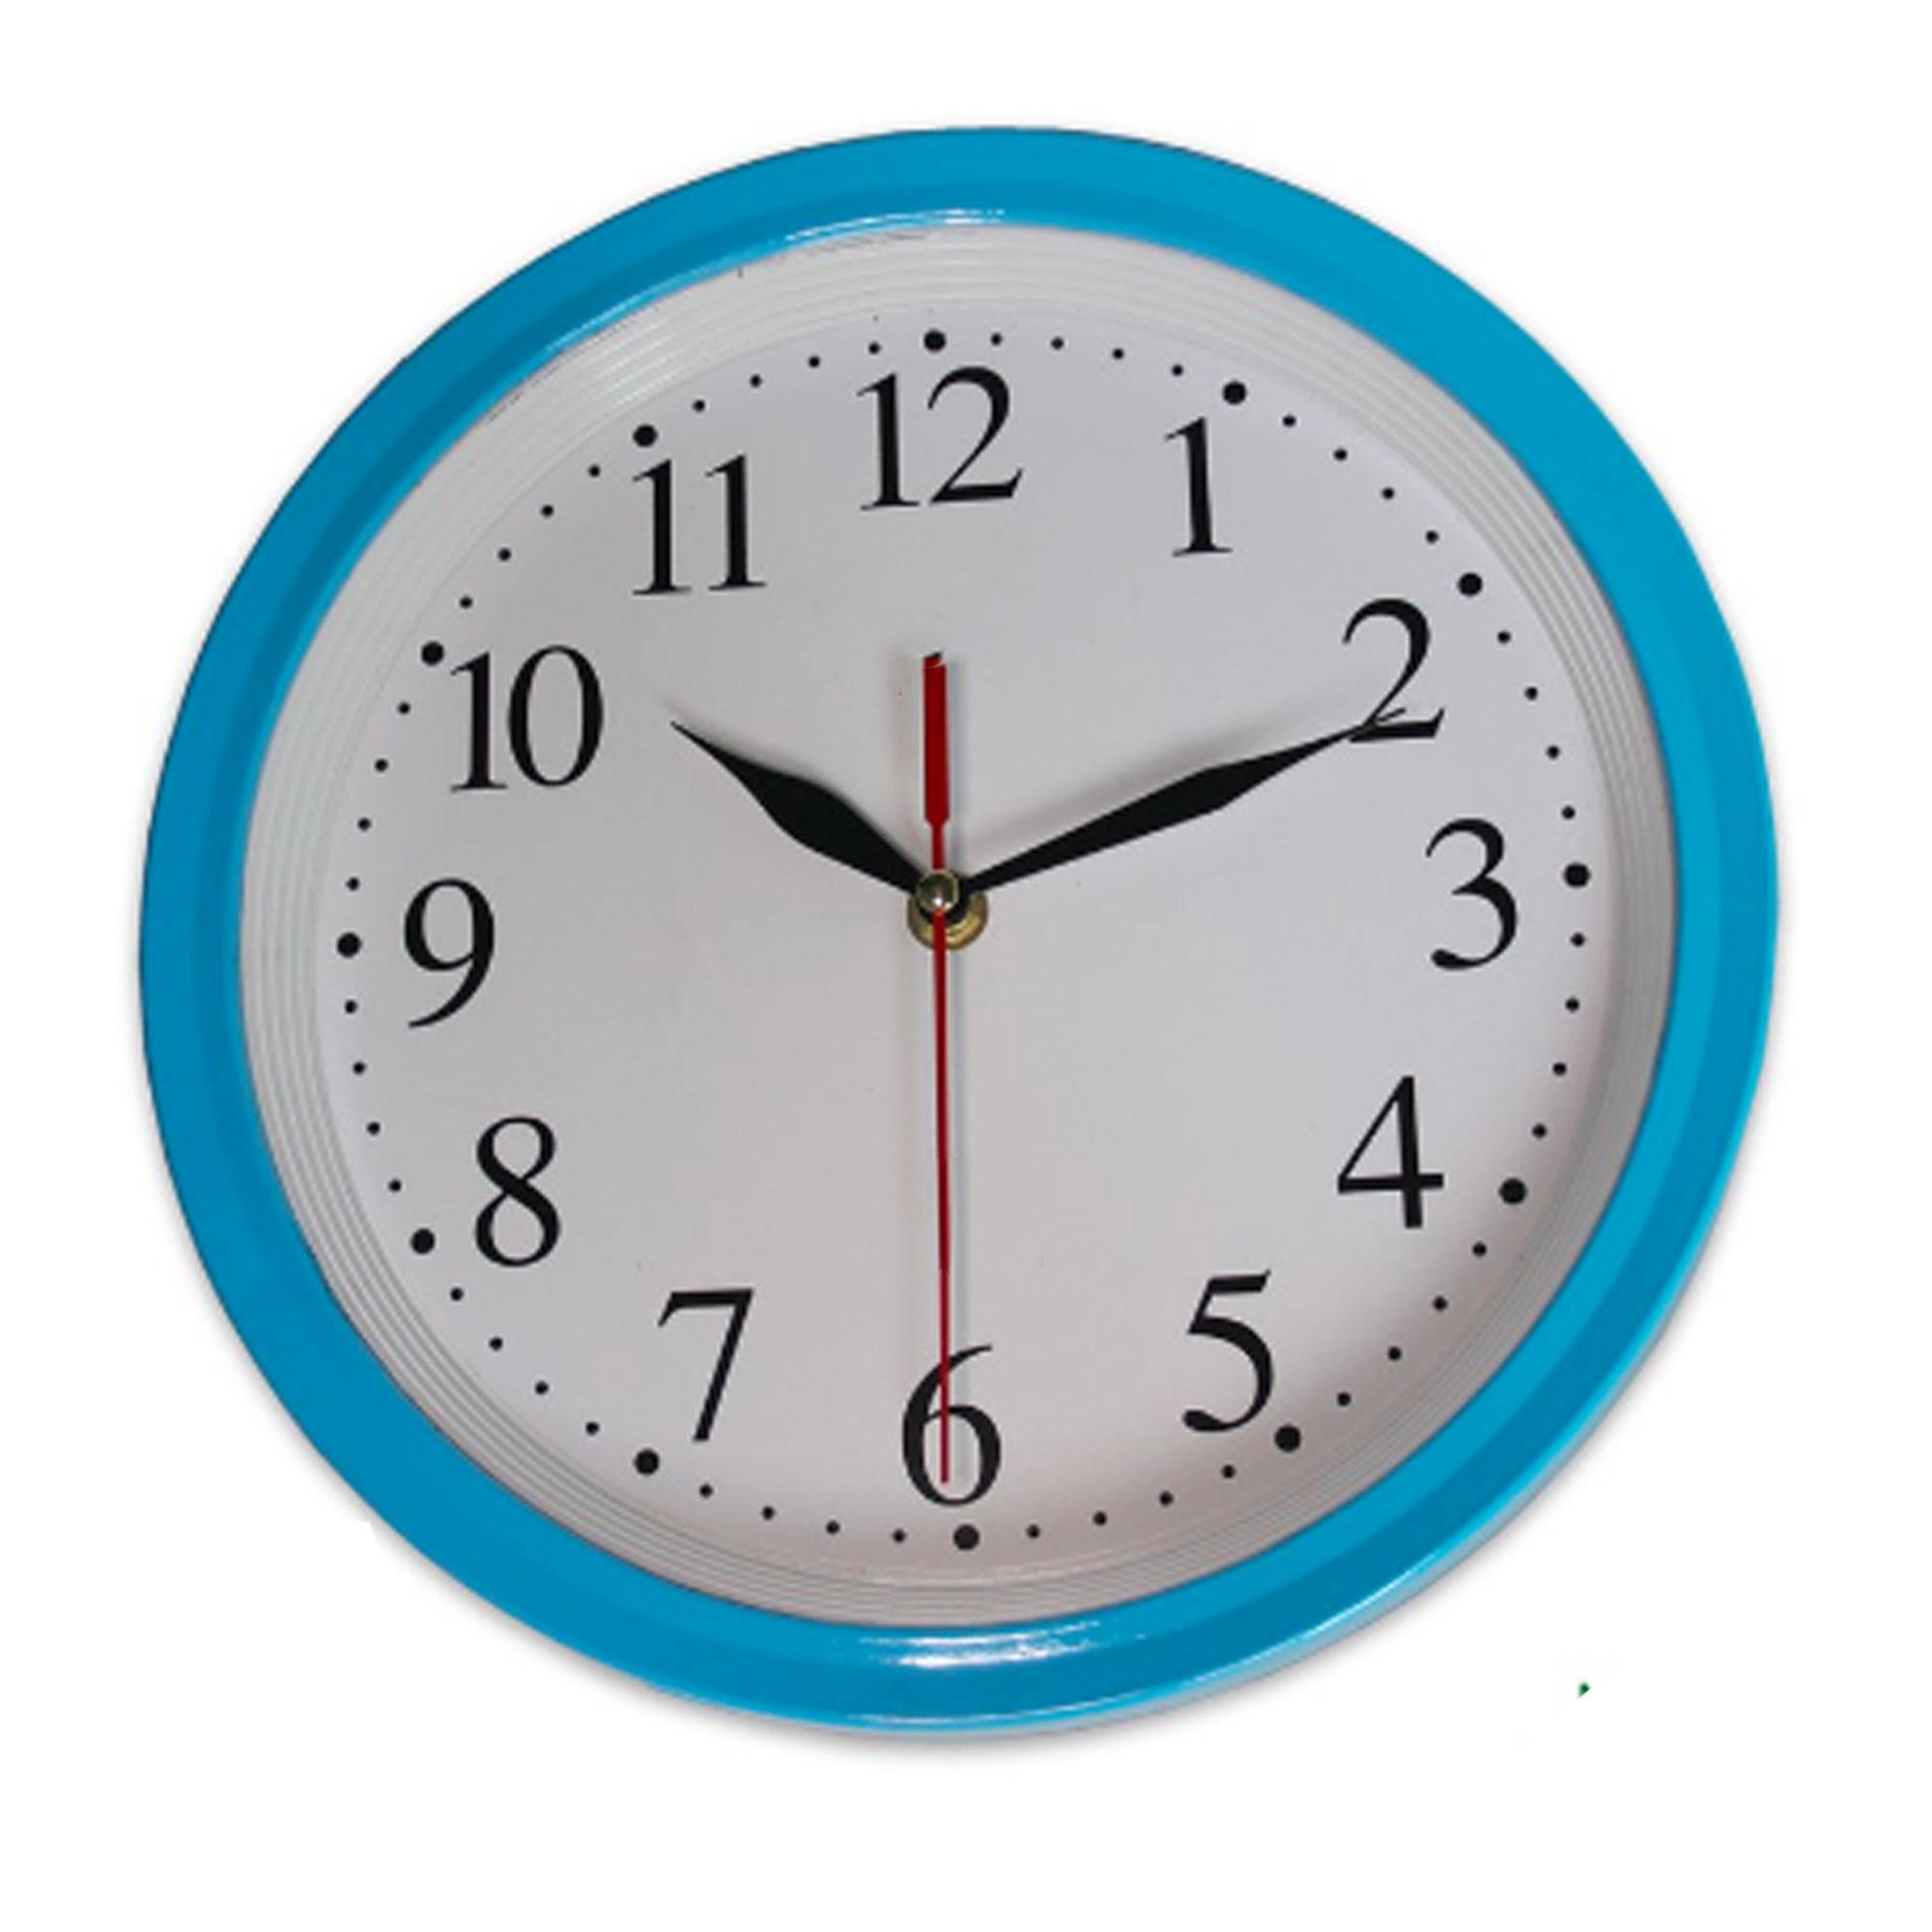 Đồng hồ treo tường mặt tròn nền trắng kim giật - NDHQL-HD16-Ho